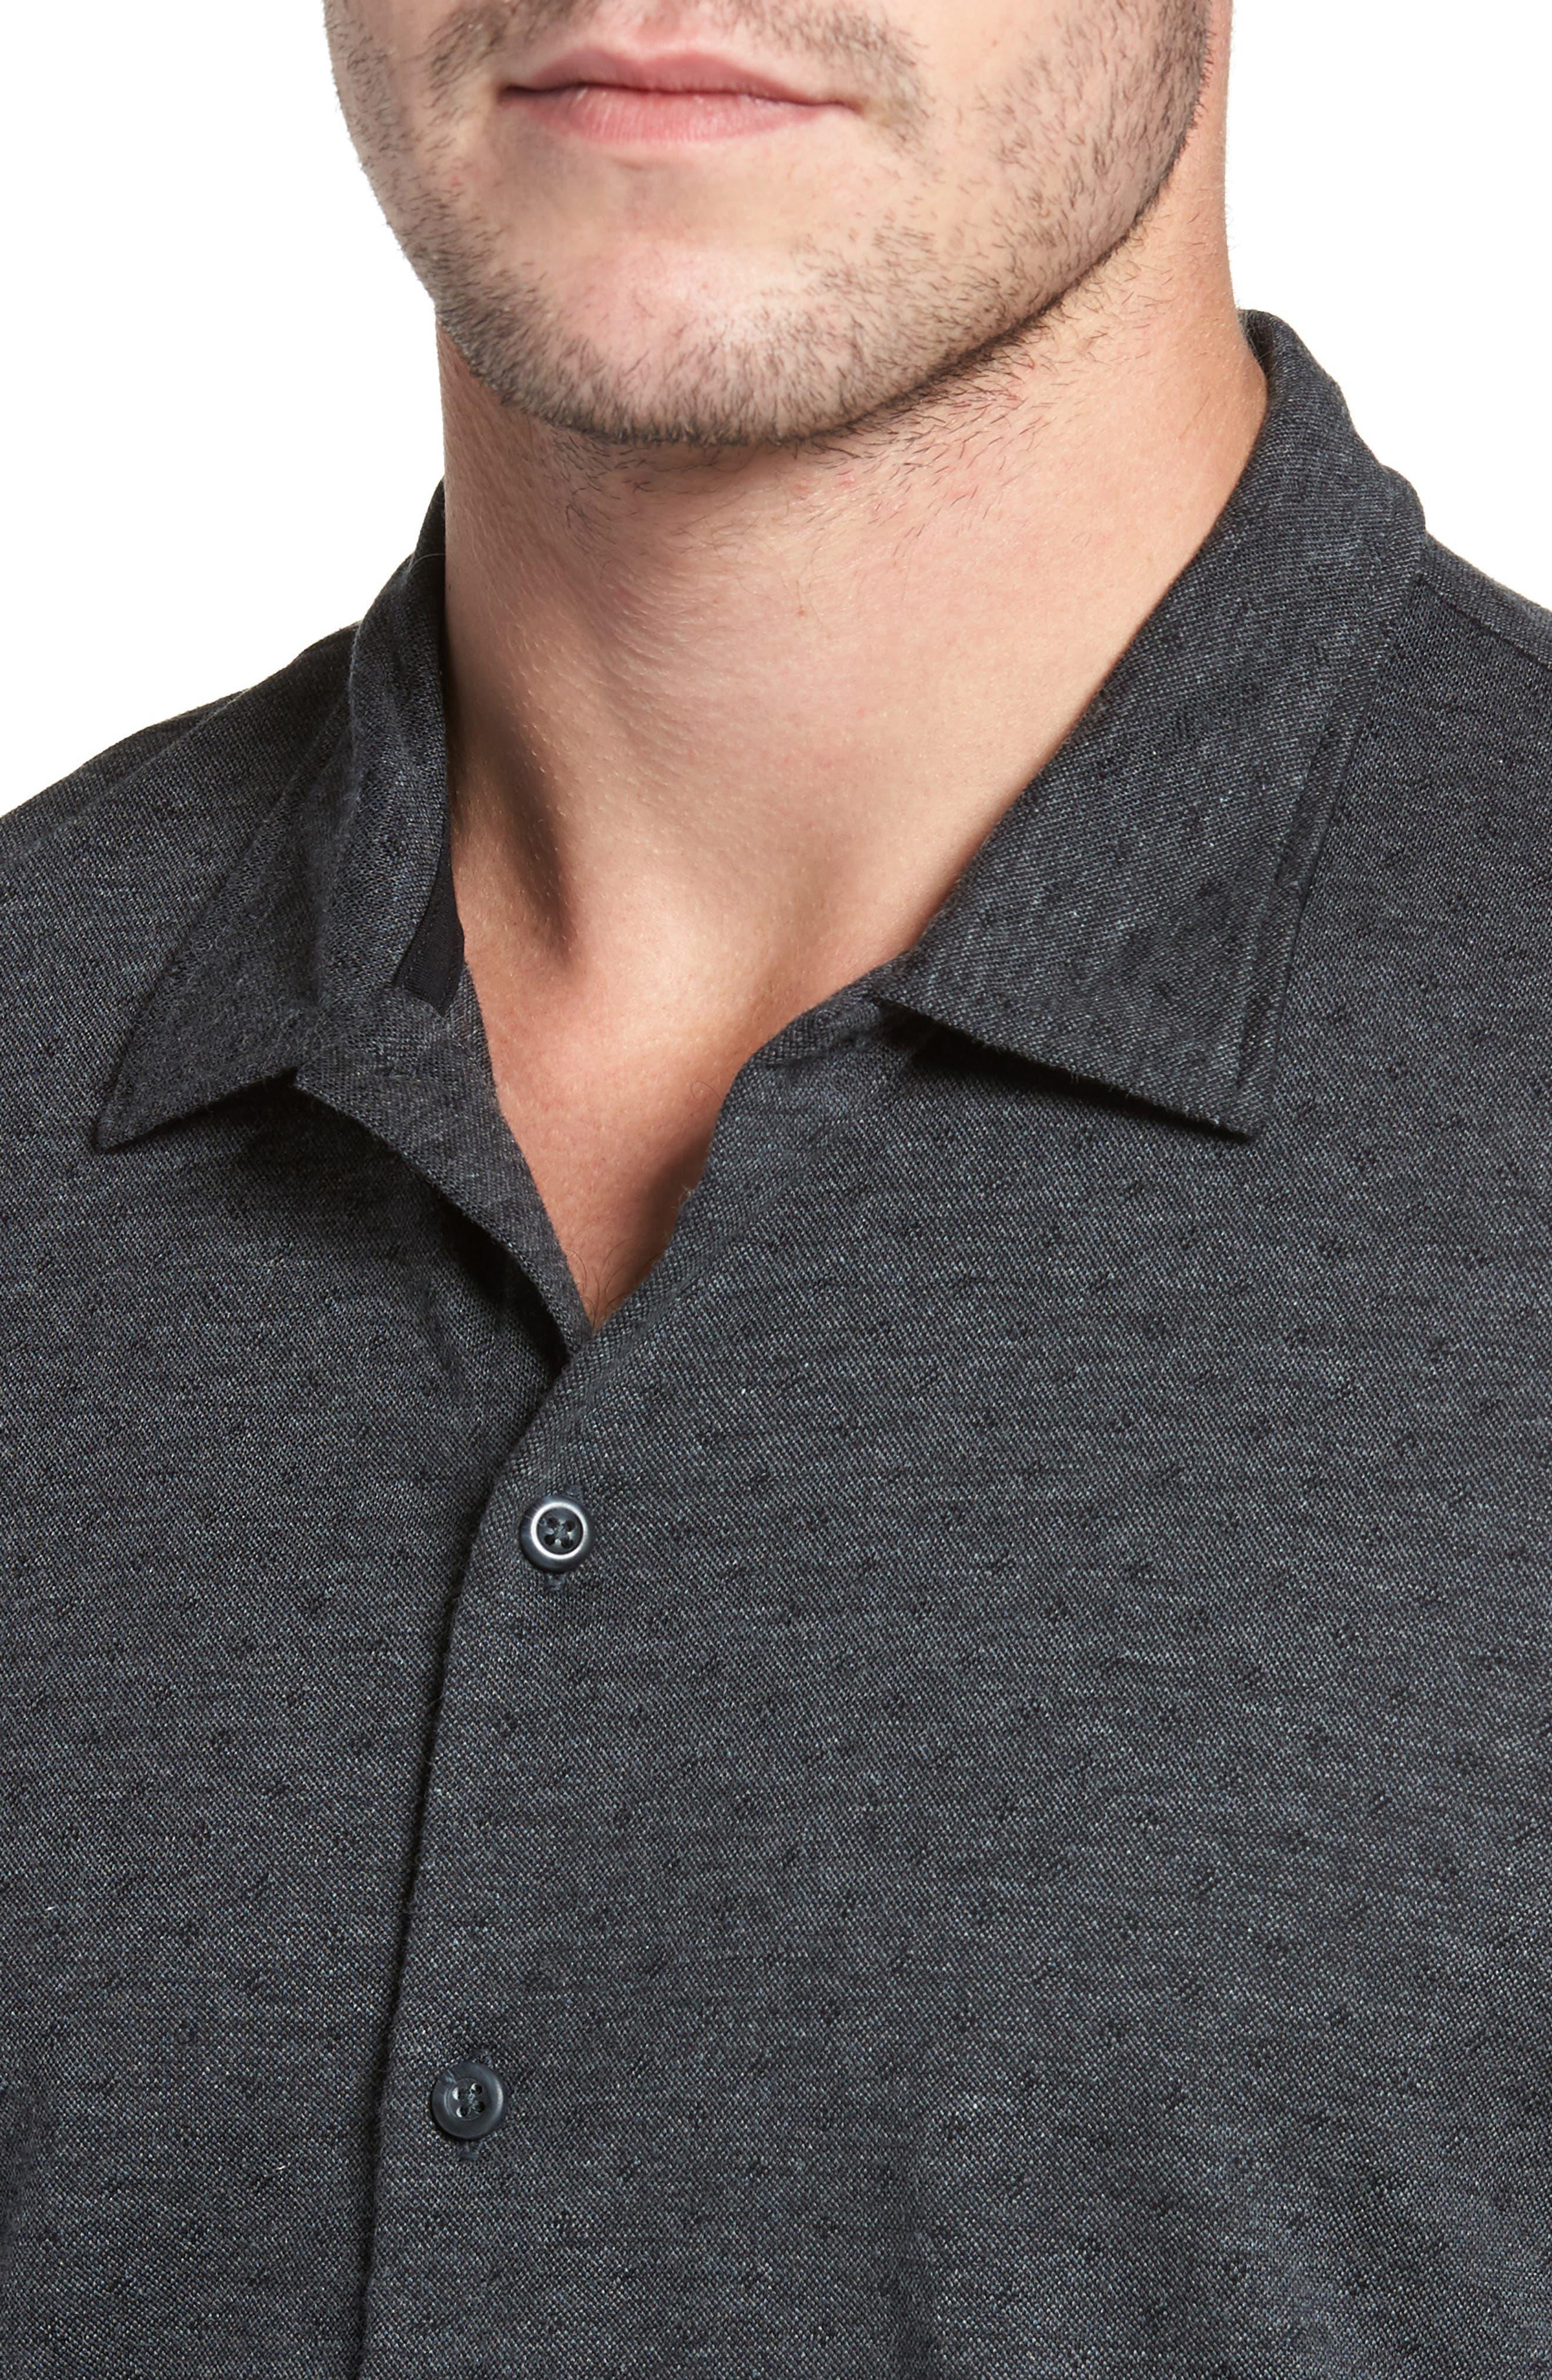 Jacquard Knit Sport Shirt,                             Alternate thumbnail 13, color,